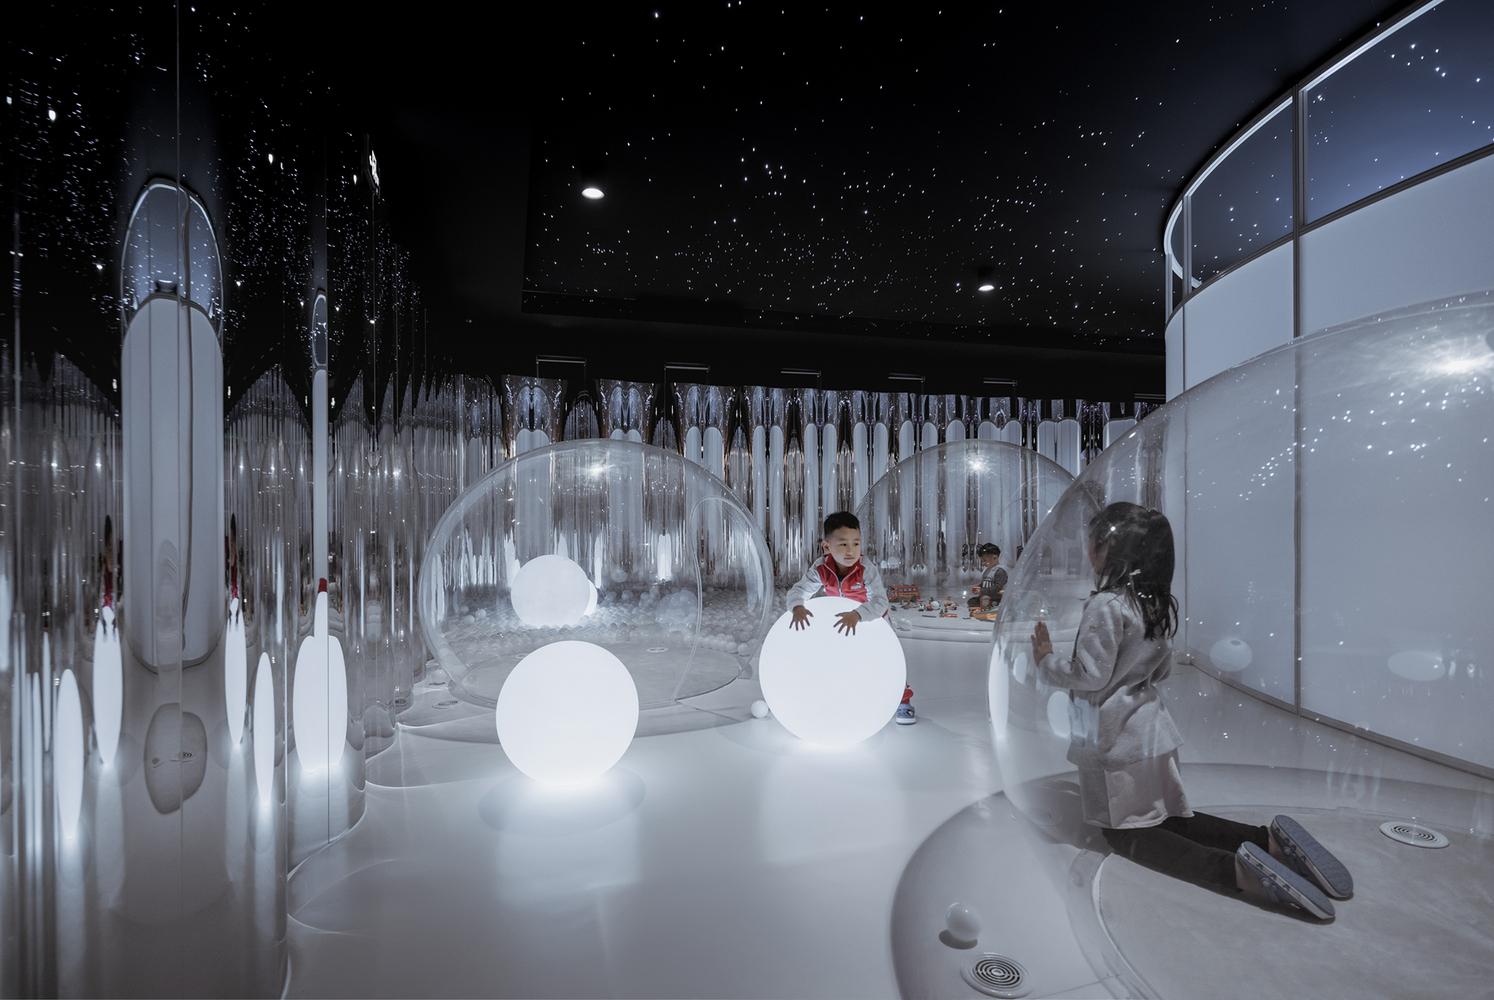 طراحی رستوران برای کودکان در چین - Aranya Kids Restaurant 19 1